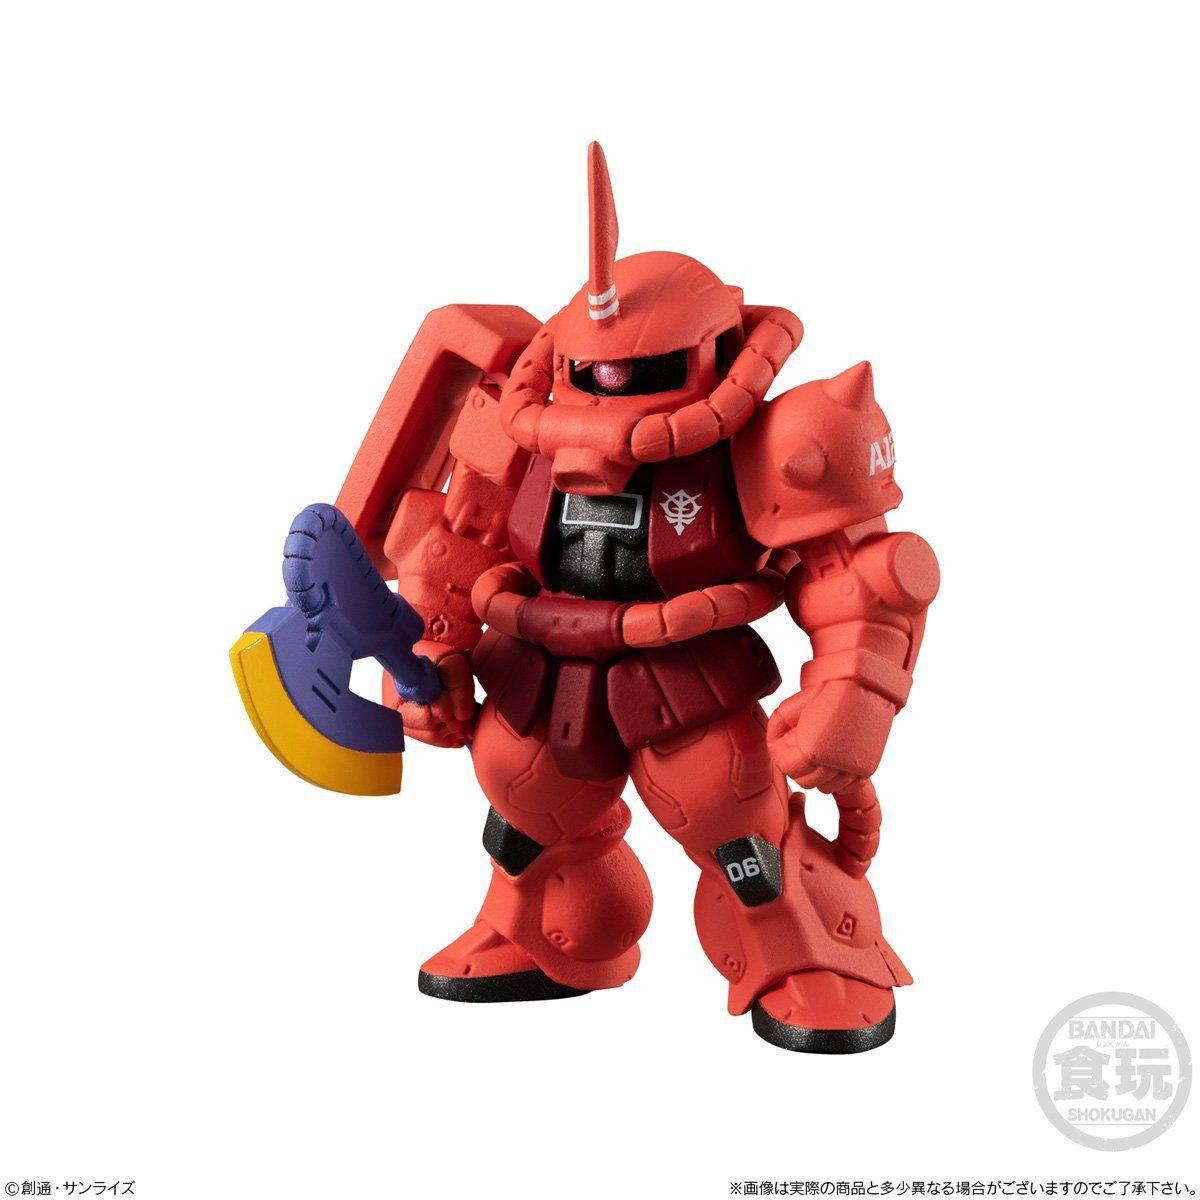 【限定販売】【食玩】FW GUNDAM CONVERGE:CORE『赤い彗星の軌跡』機動戦士ガンダム 完成品フィギュア-002